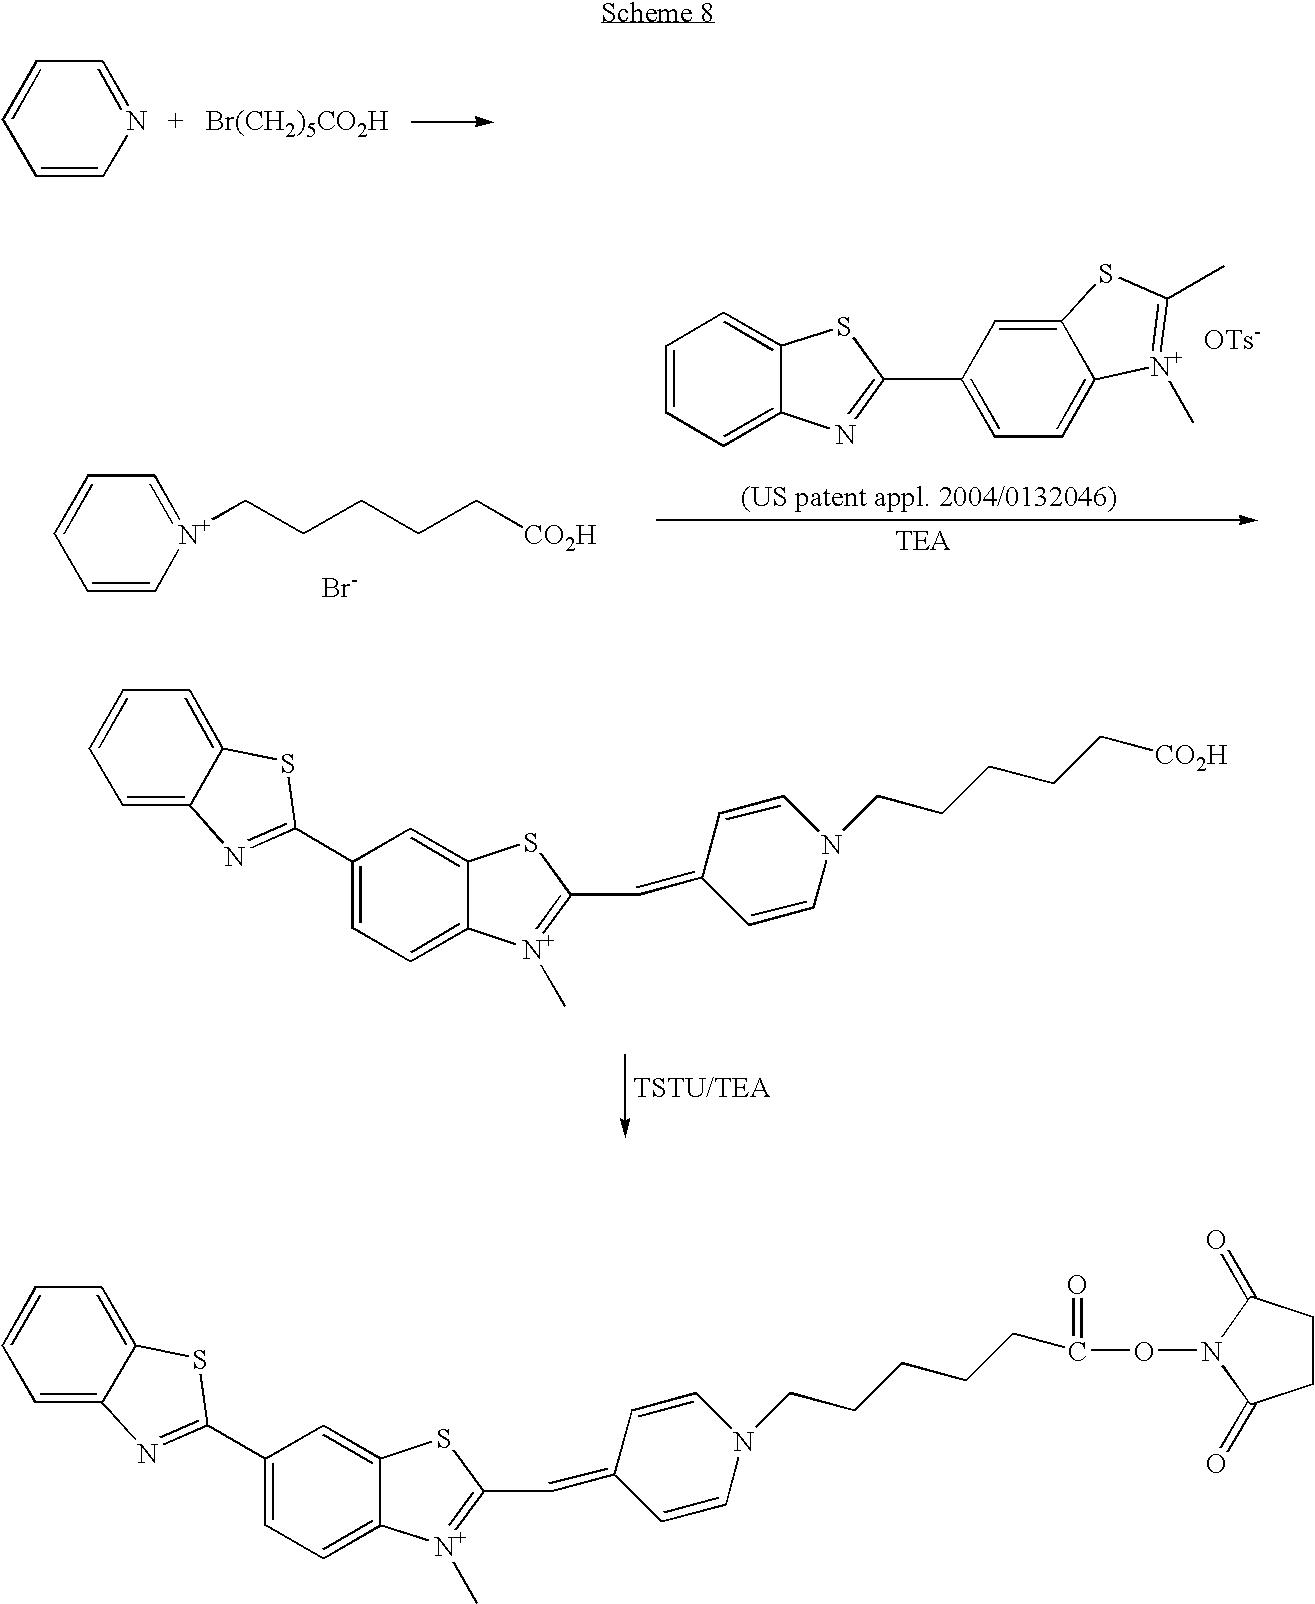 Figure US20060211028A1-20060921-C00061